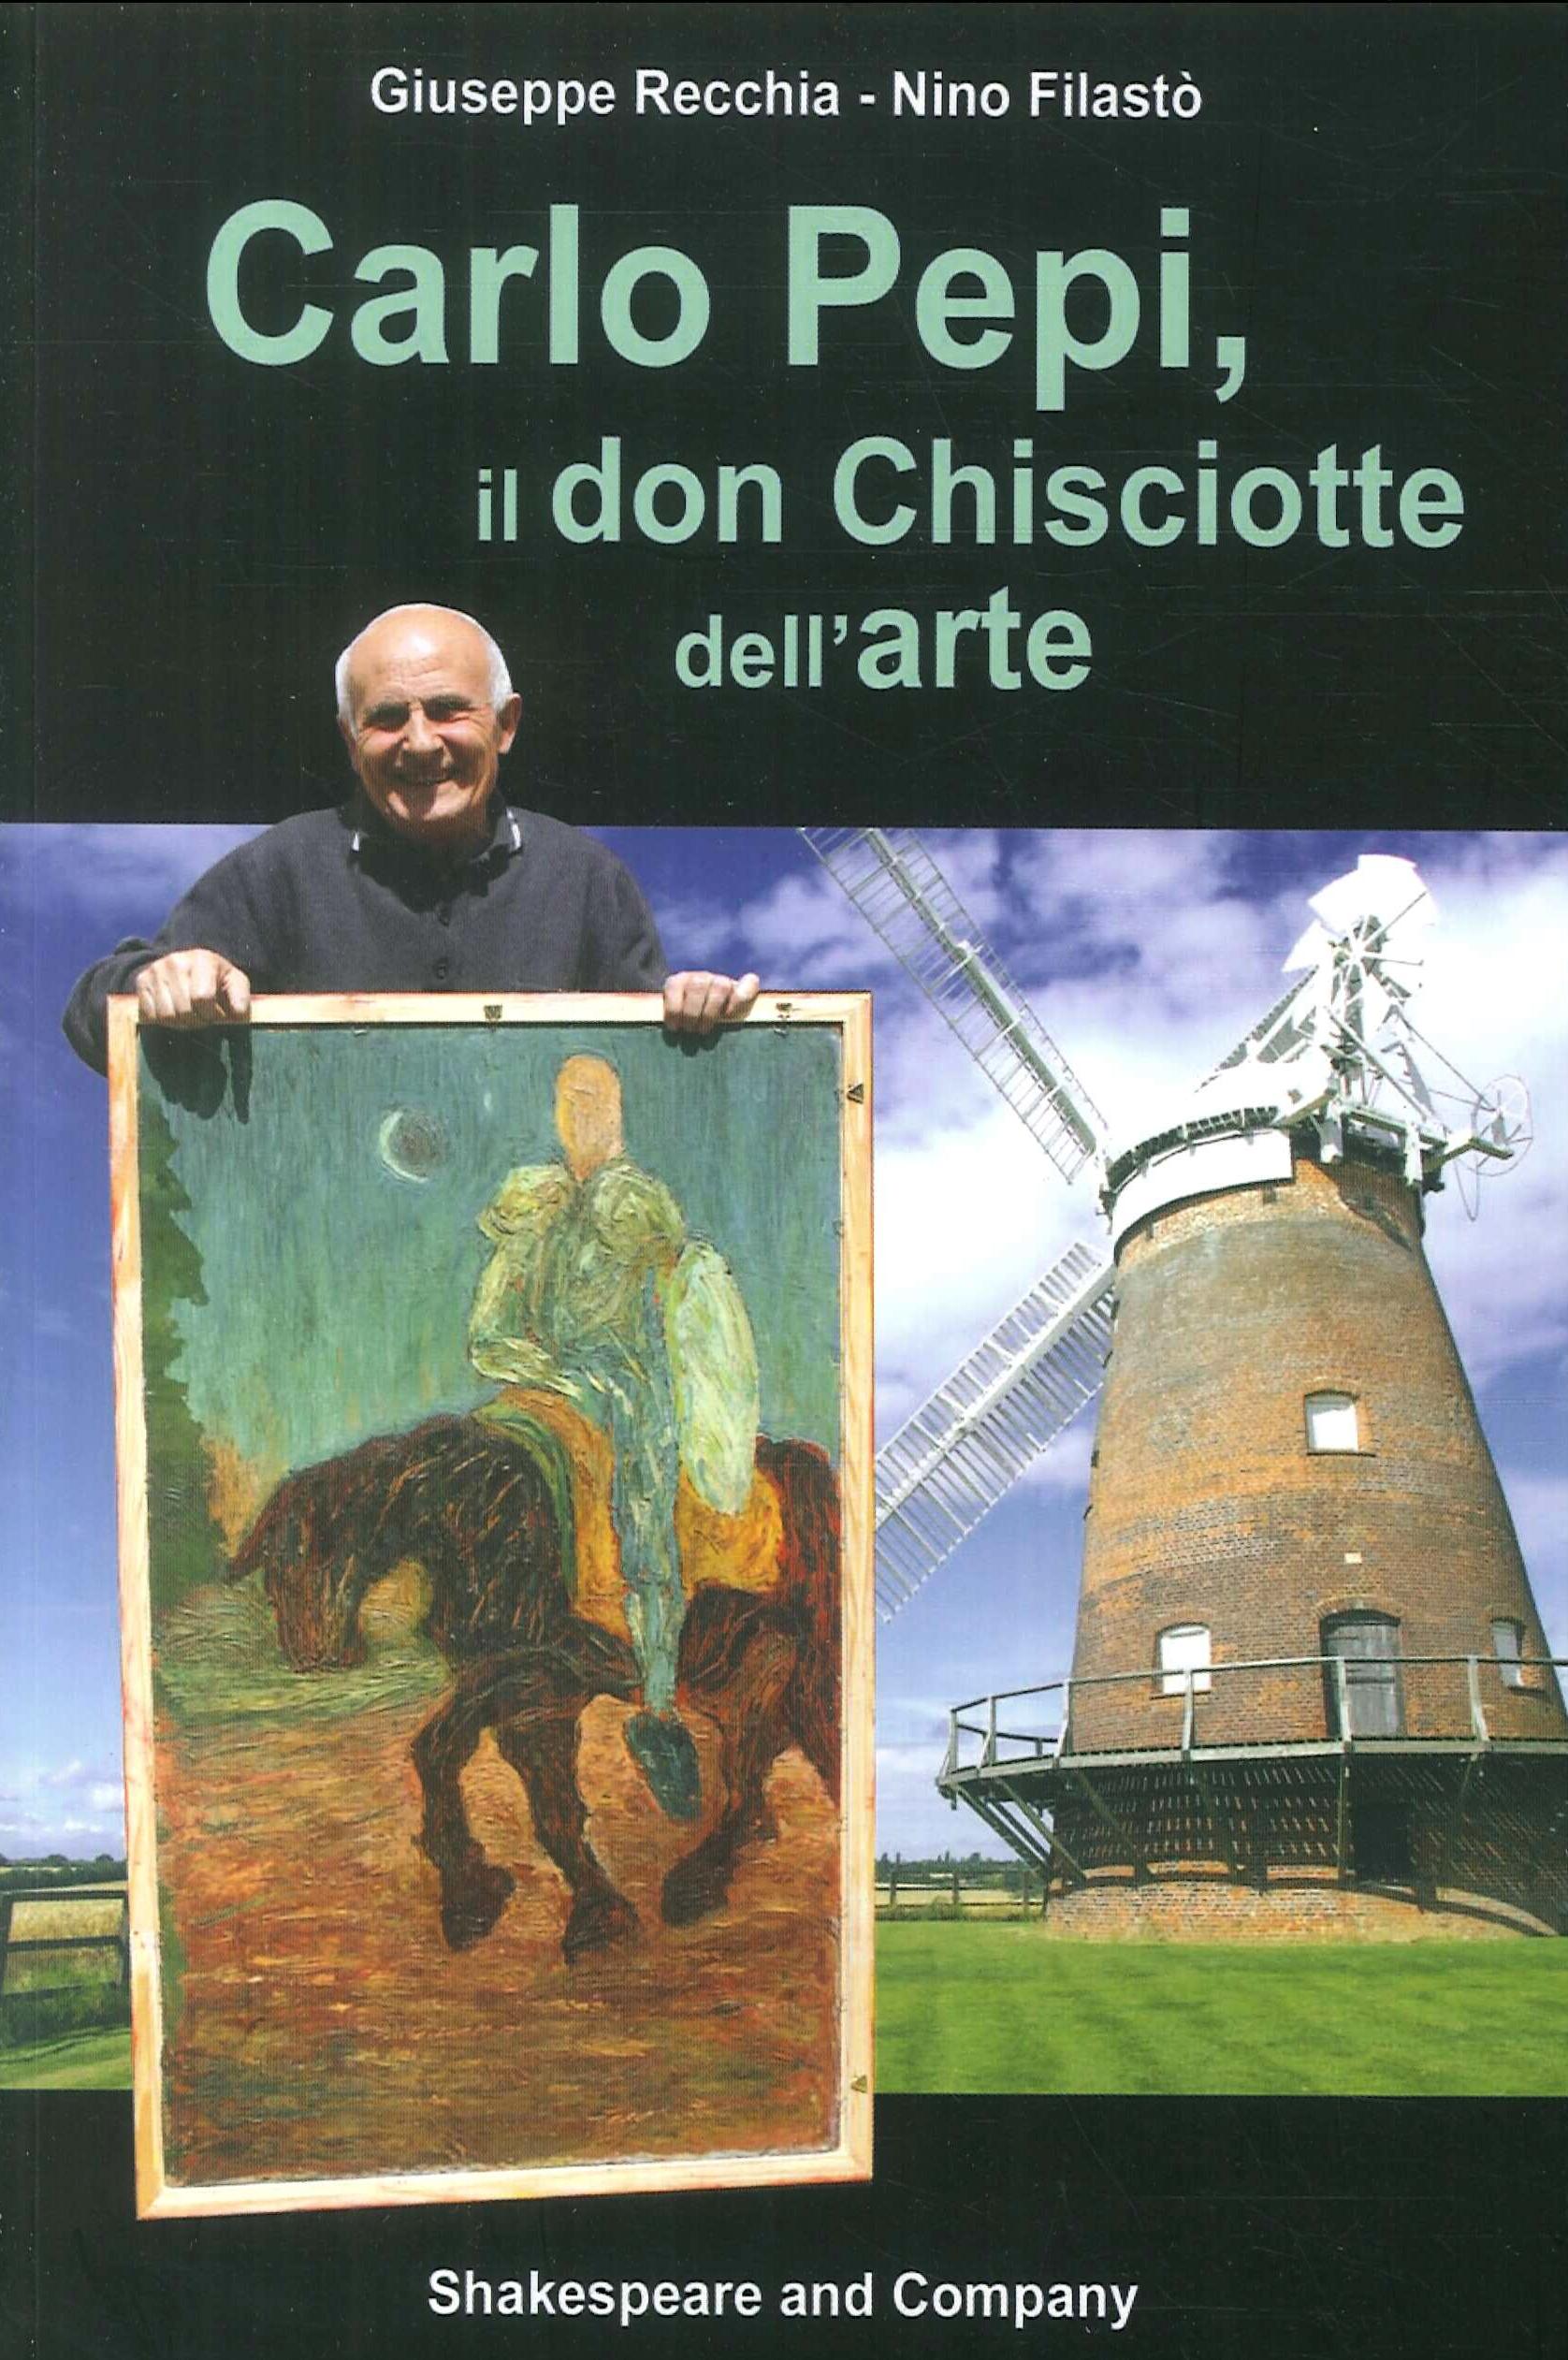 Carlo Pepi, il Don Chisciotte Dell'Arte.